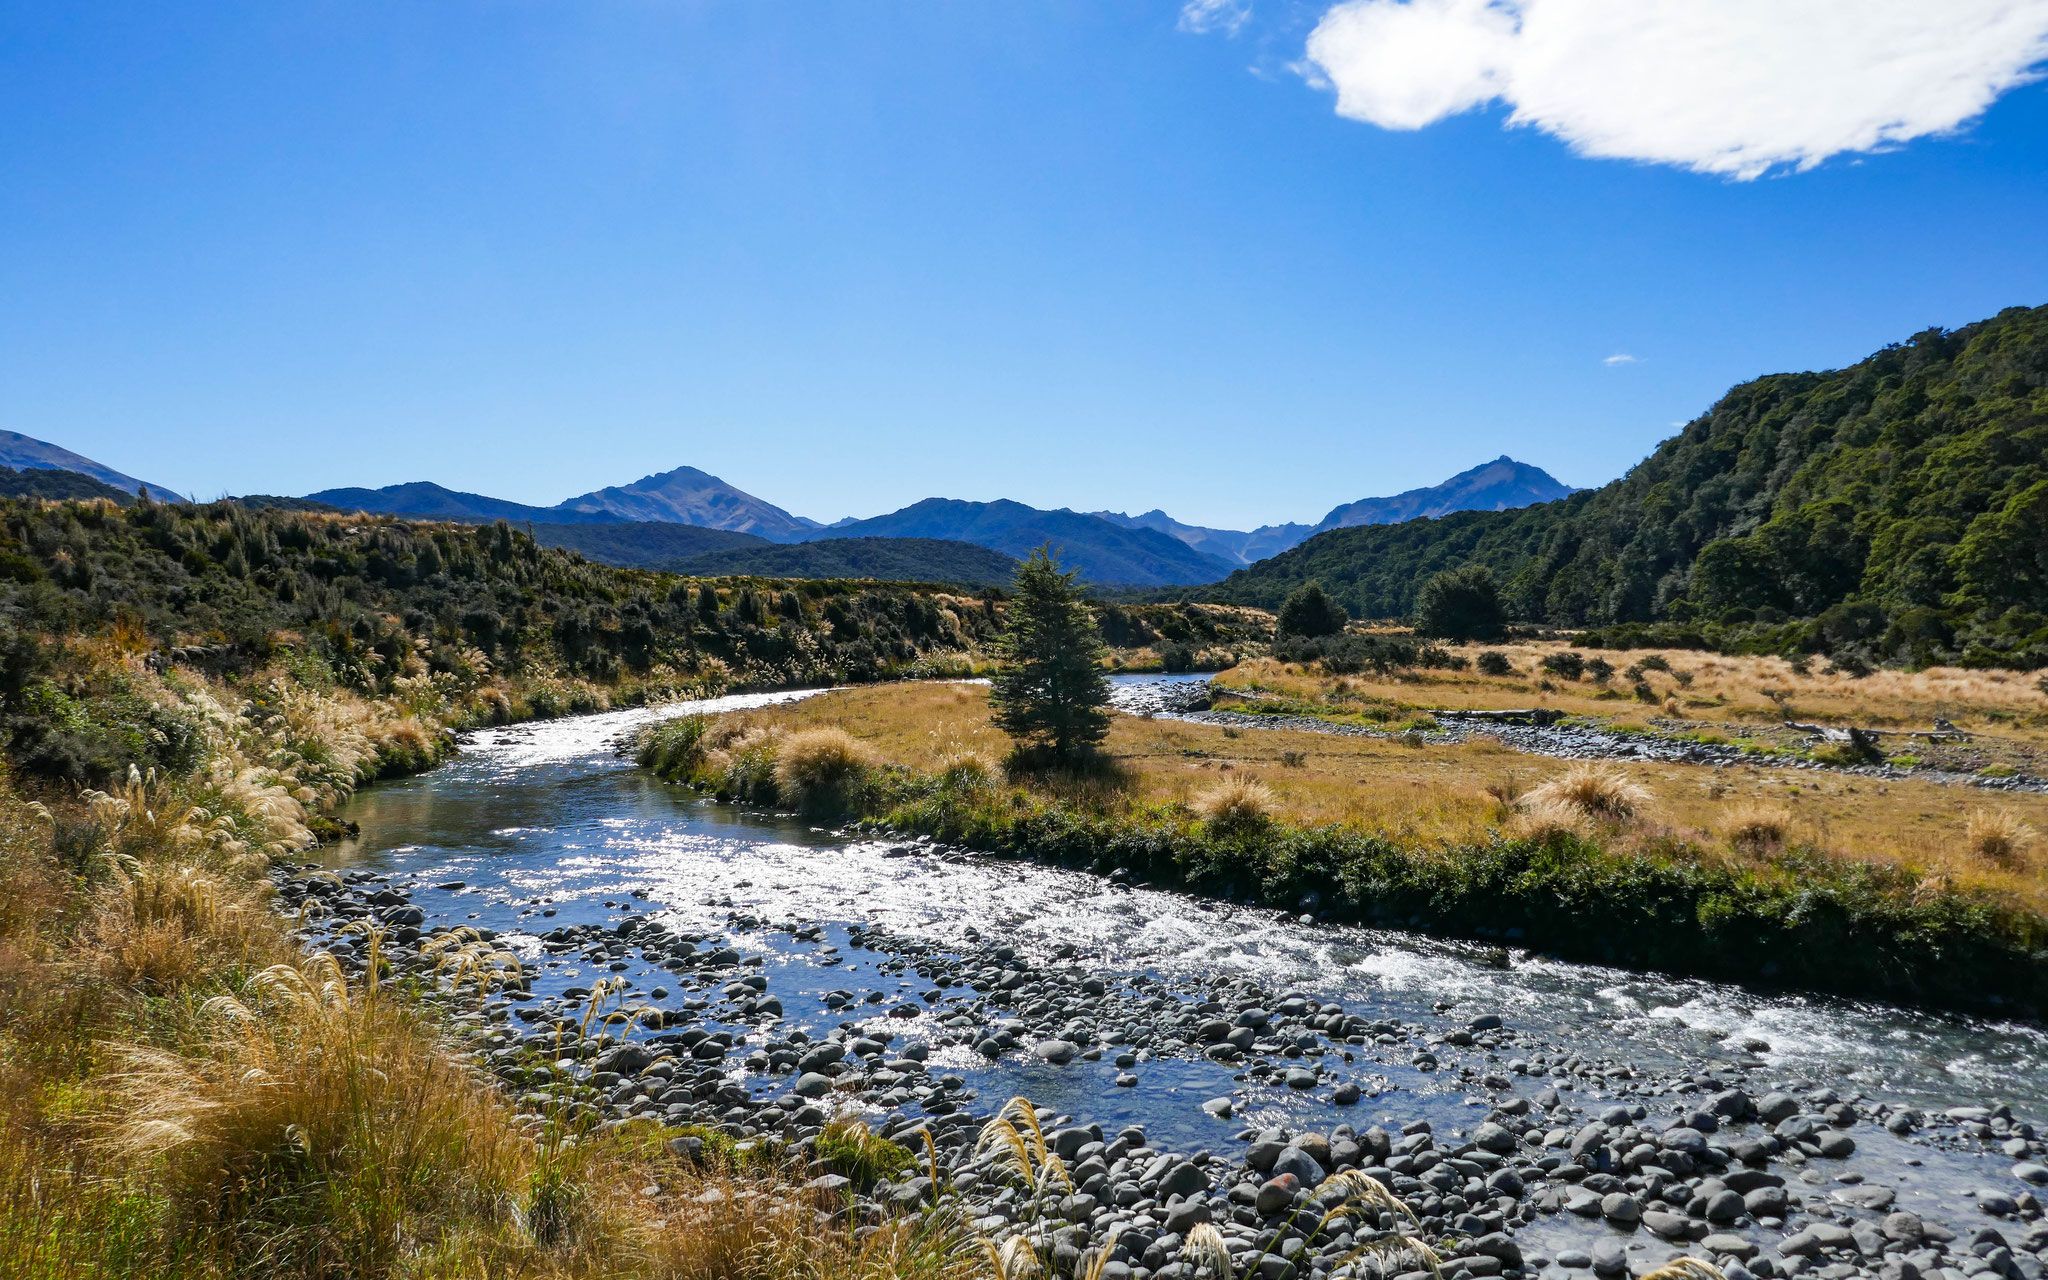 Aparima River